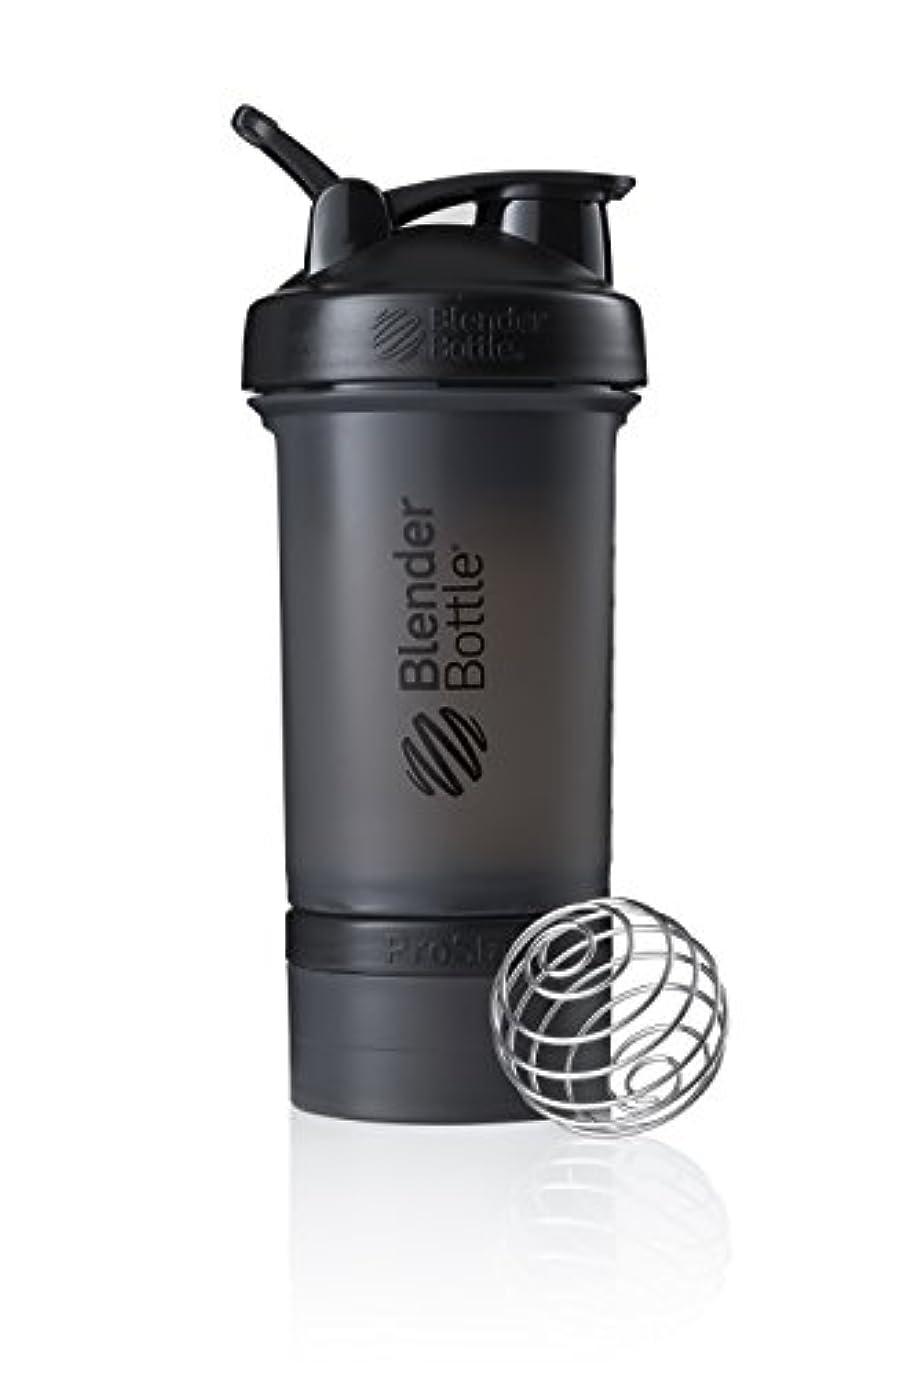 科学リーチ倉庫ブレンダーボトル 【日本正規品】 ミキサー シェーカー ボトル Pro Stak 22オンス (650ml) ブラック BBPSE22 FCBK